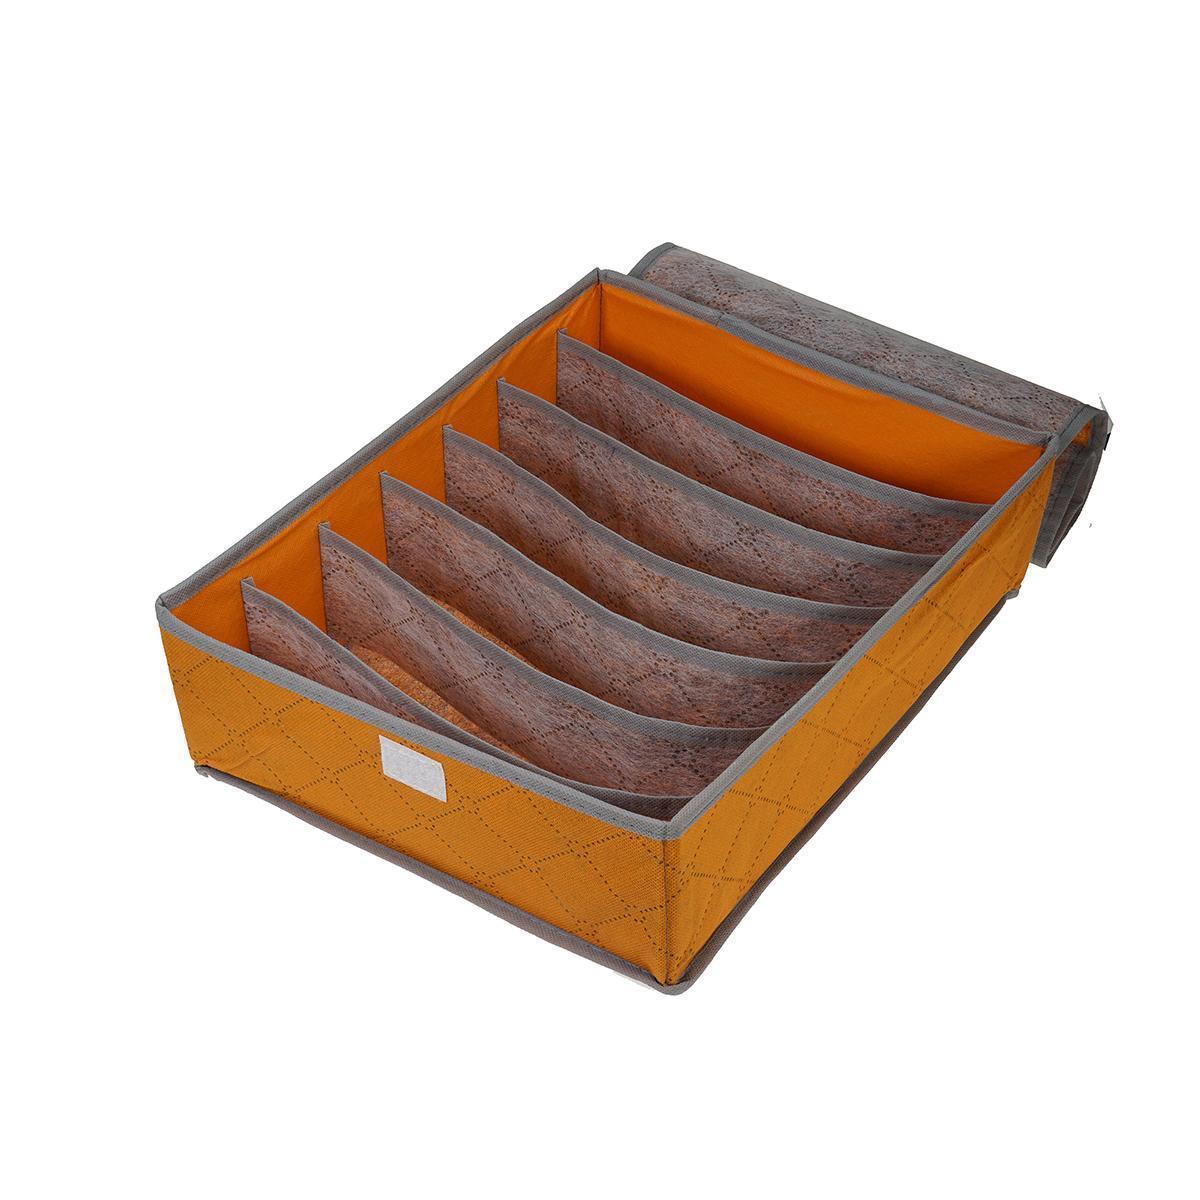 Органайзер для бюстгальтеров Supretto на 7 отделений с крышкой Оранжевый (56880001)